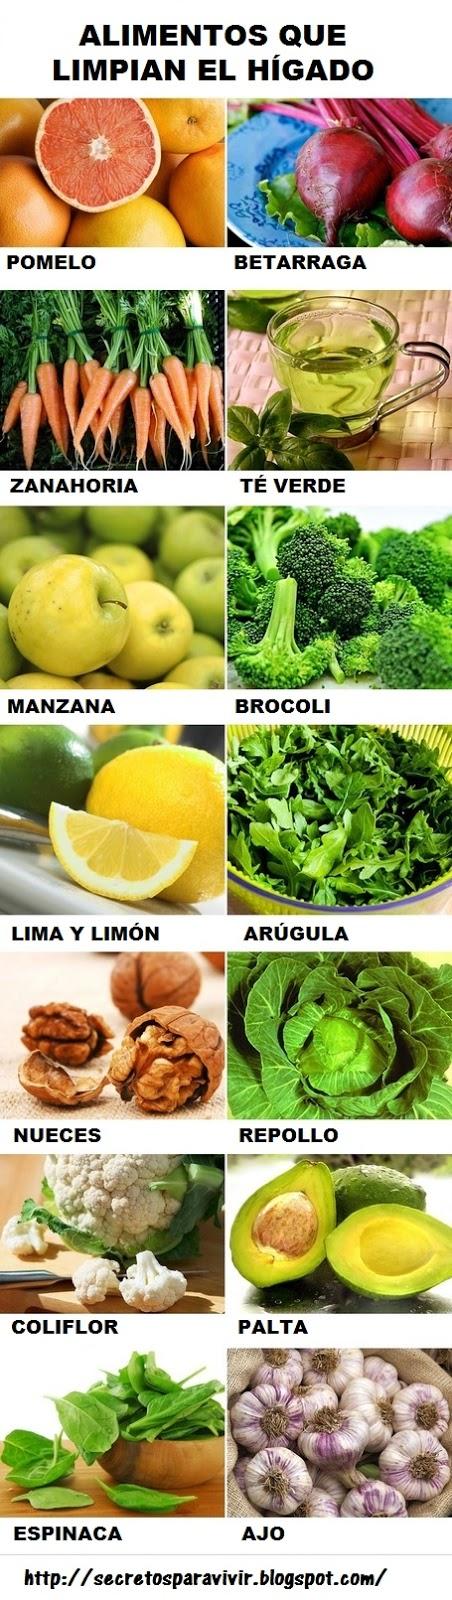 Secretos para vivir mejor alimentos que ayudan a limpiar el h gado - Mejores alimentos para el higado ...